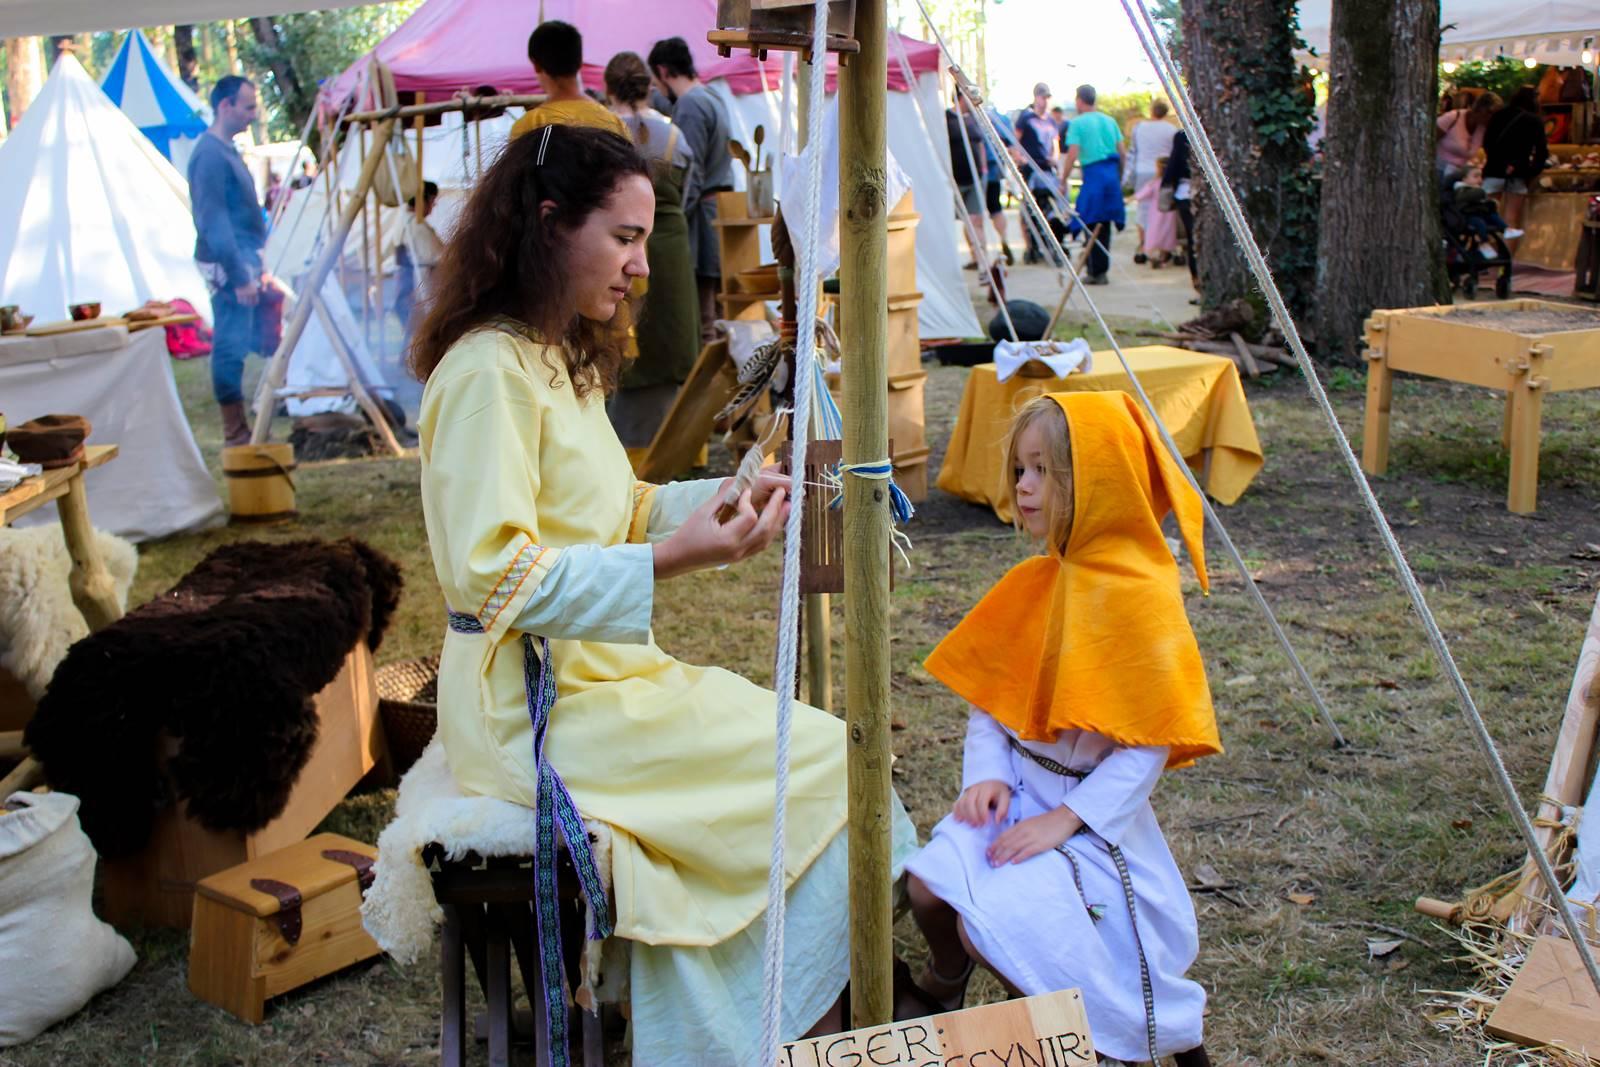 Les medievales de commequiers 2017 commequier 20